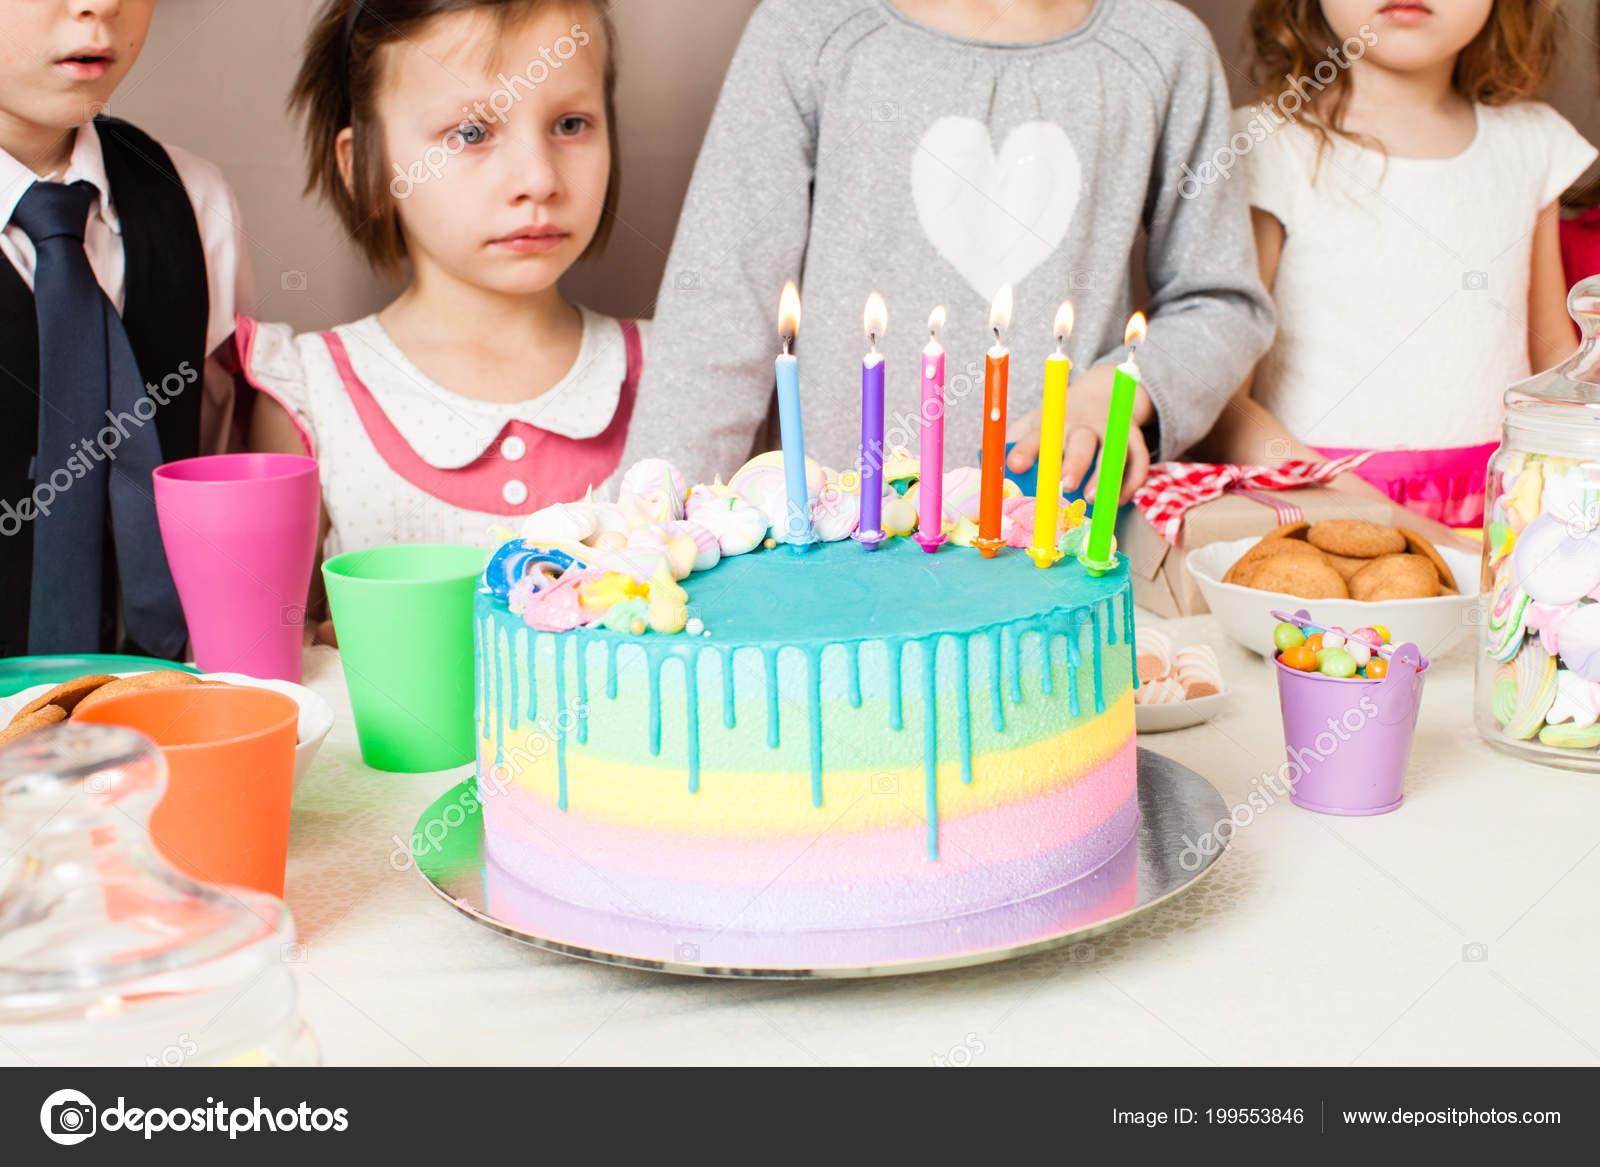 Свечи горят день рождения торт день рождения мальчик смотрит.